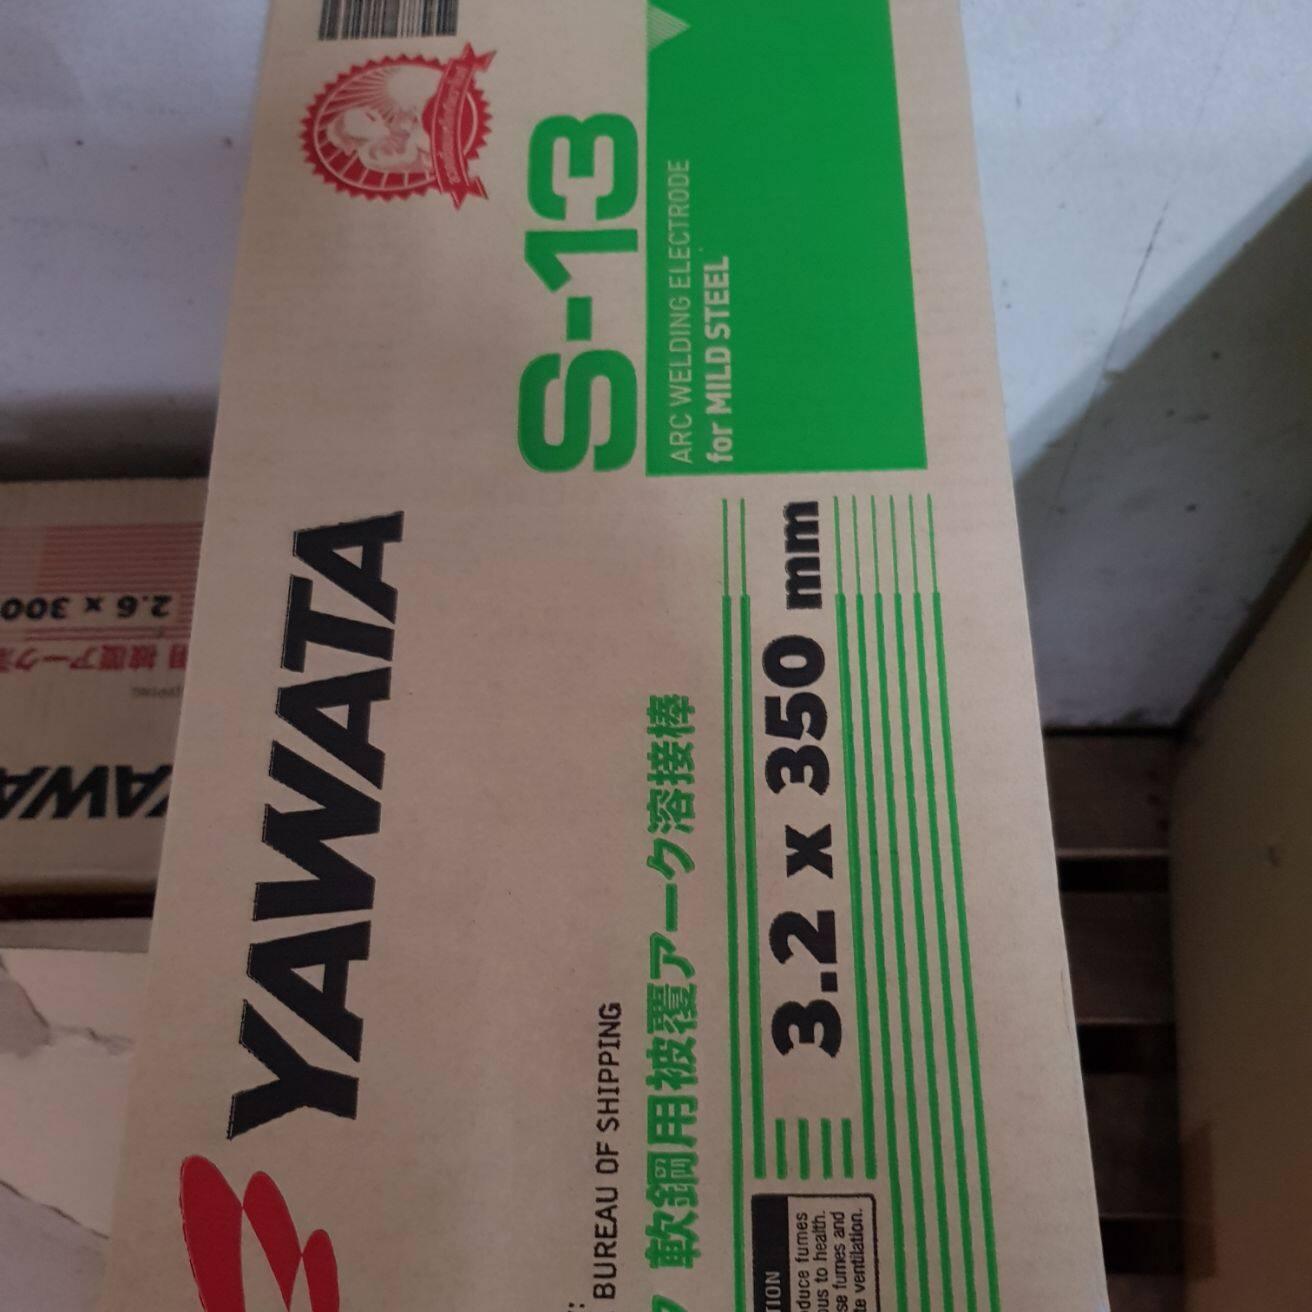 Yawata s13 ลวดเชื่อม ยาวาต้า เอส13 เชื่อมเหล็กกัลวาไนซ์ ขนาด 3.2 มิล ห่อละ 5 กิโล เชื่อมง่ายและสวย YAWATA S-13